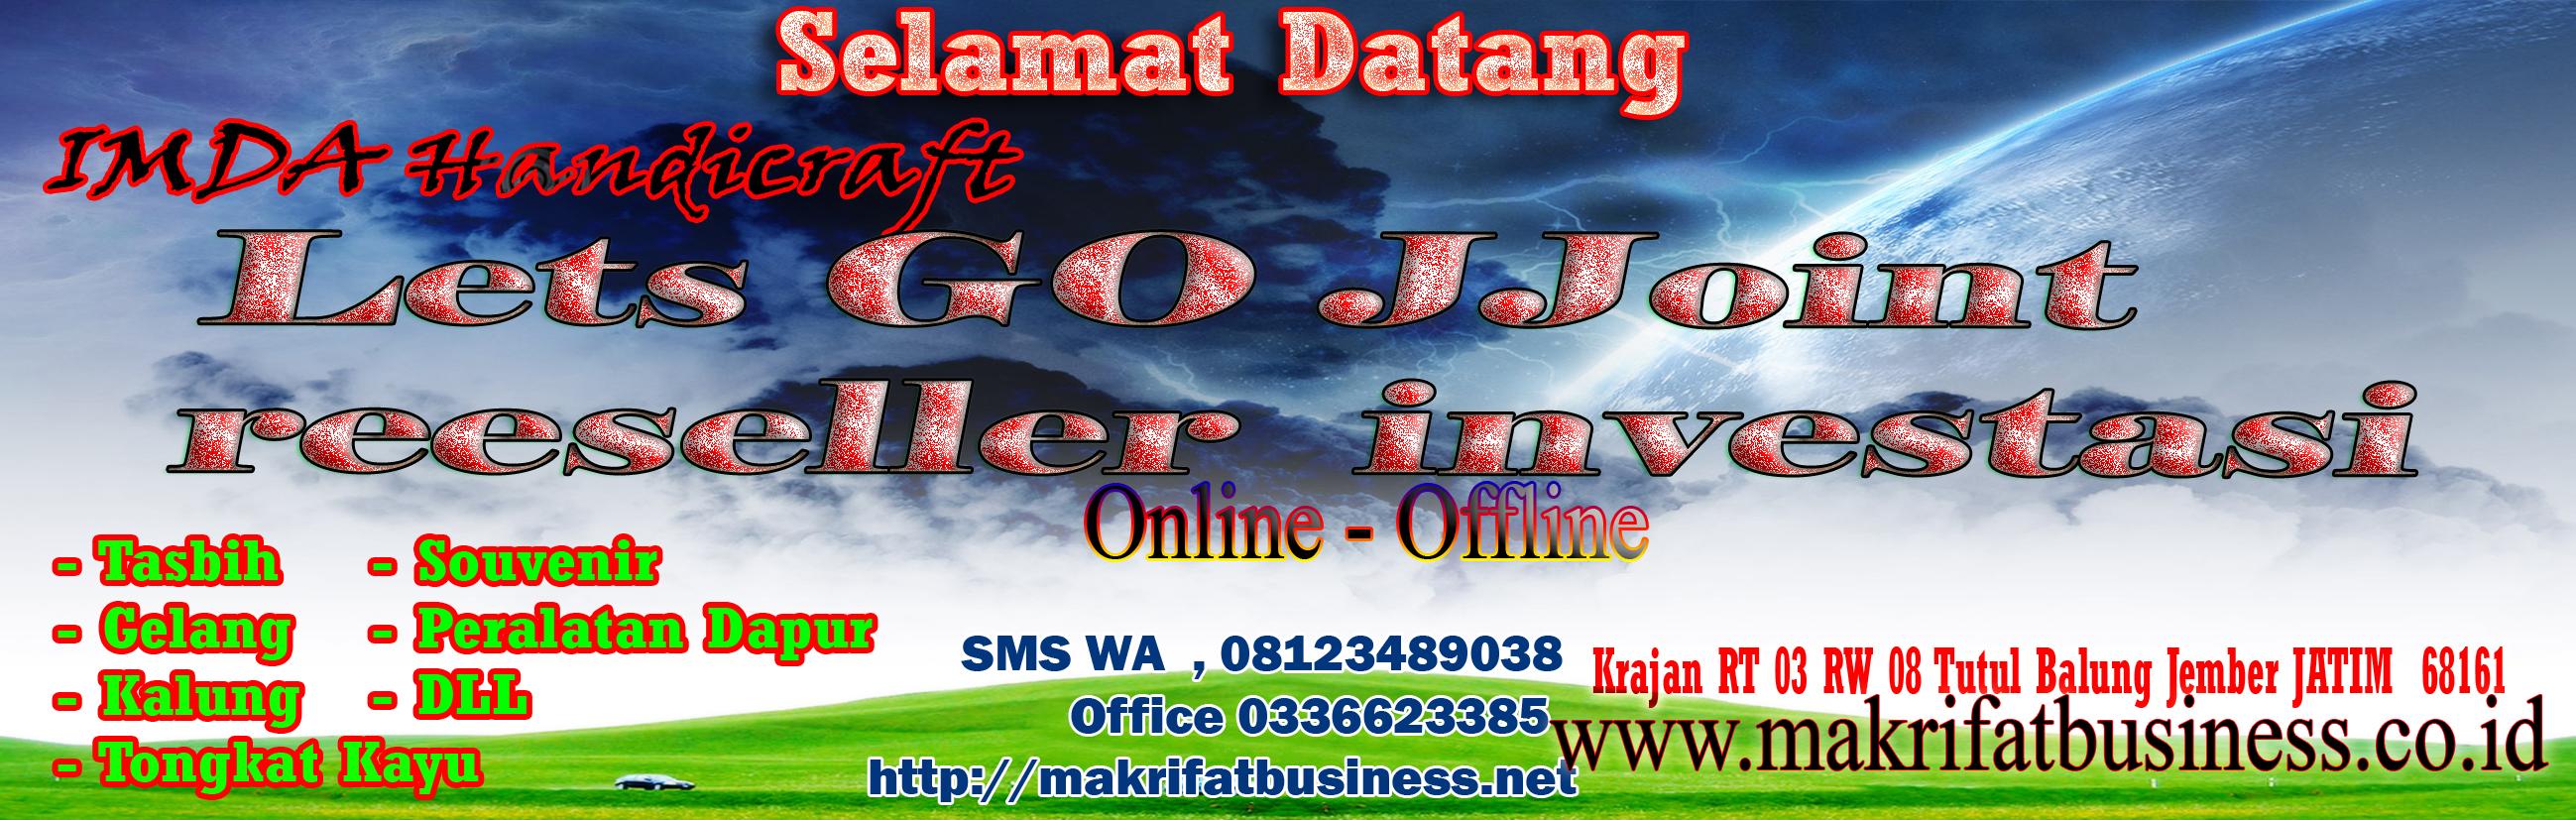 Banner_Mb_5.jpg